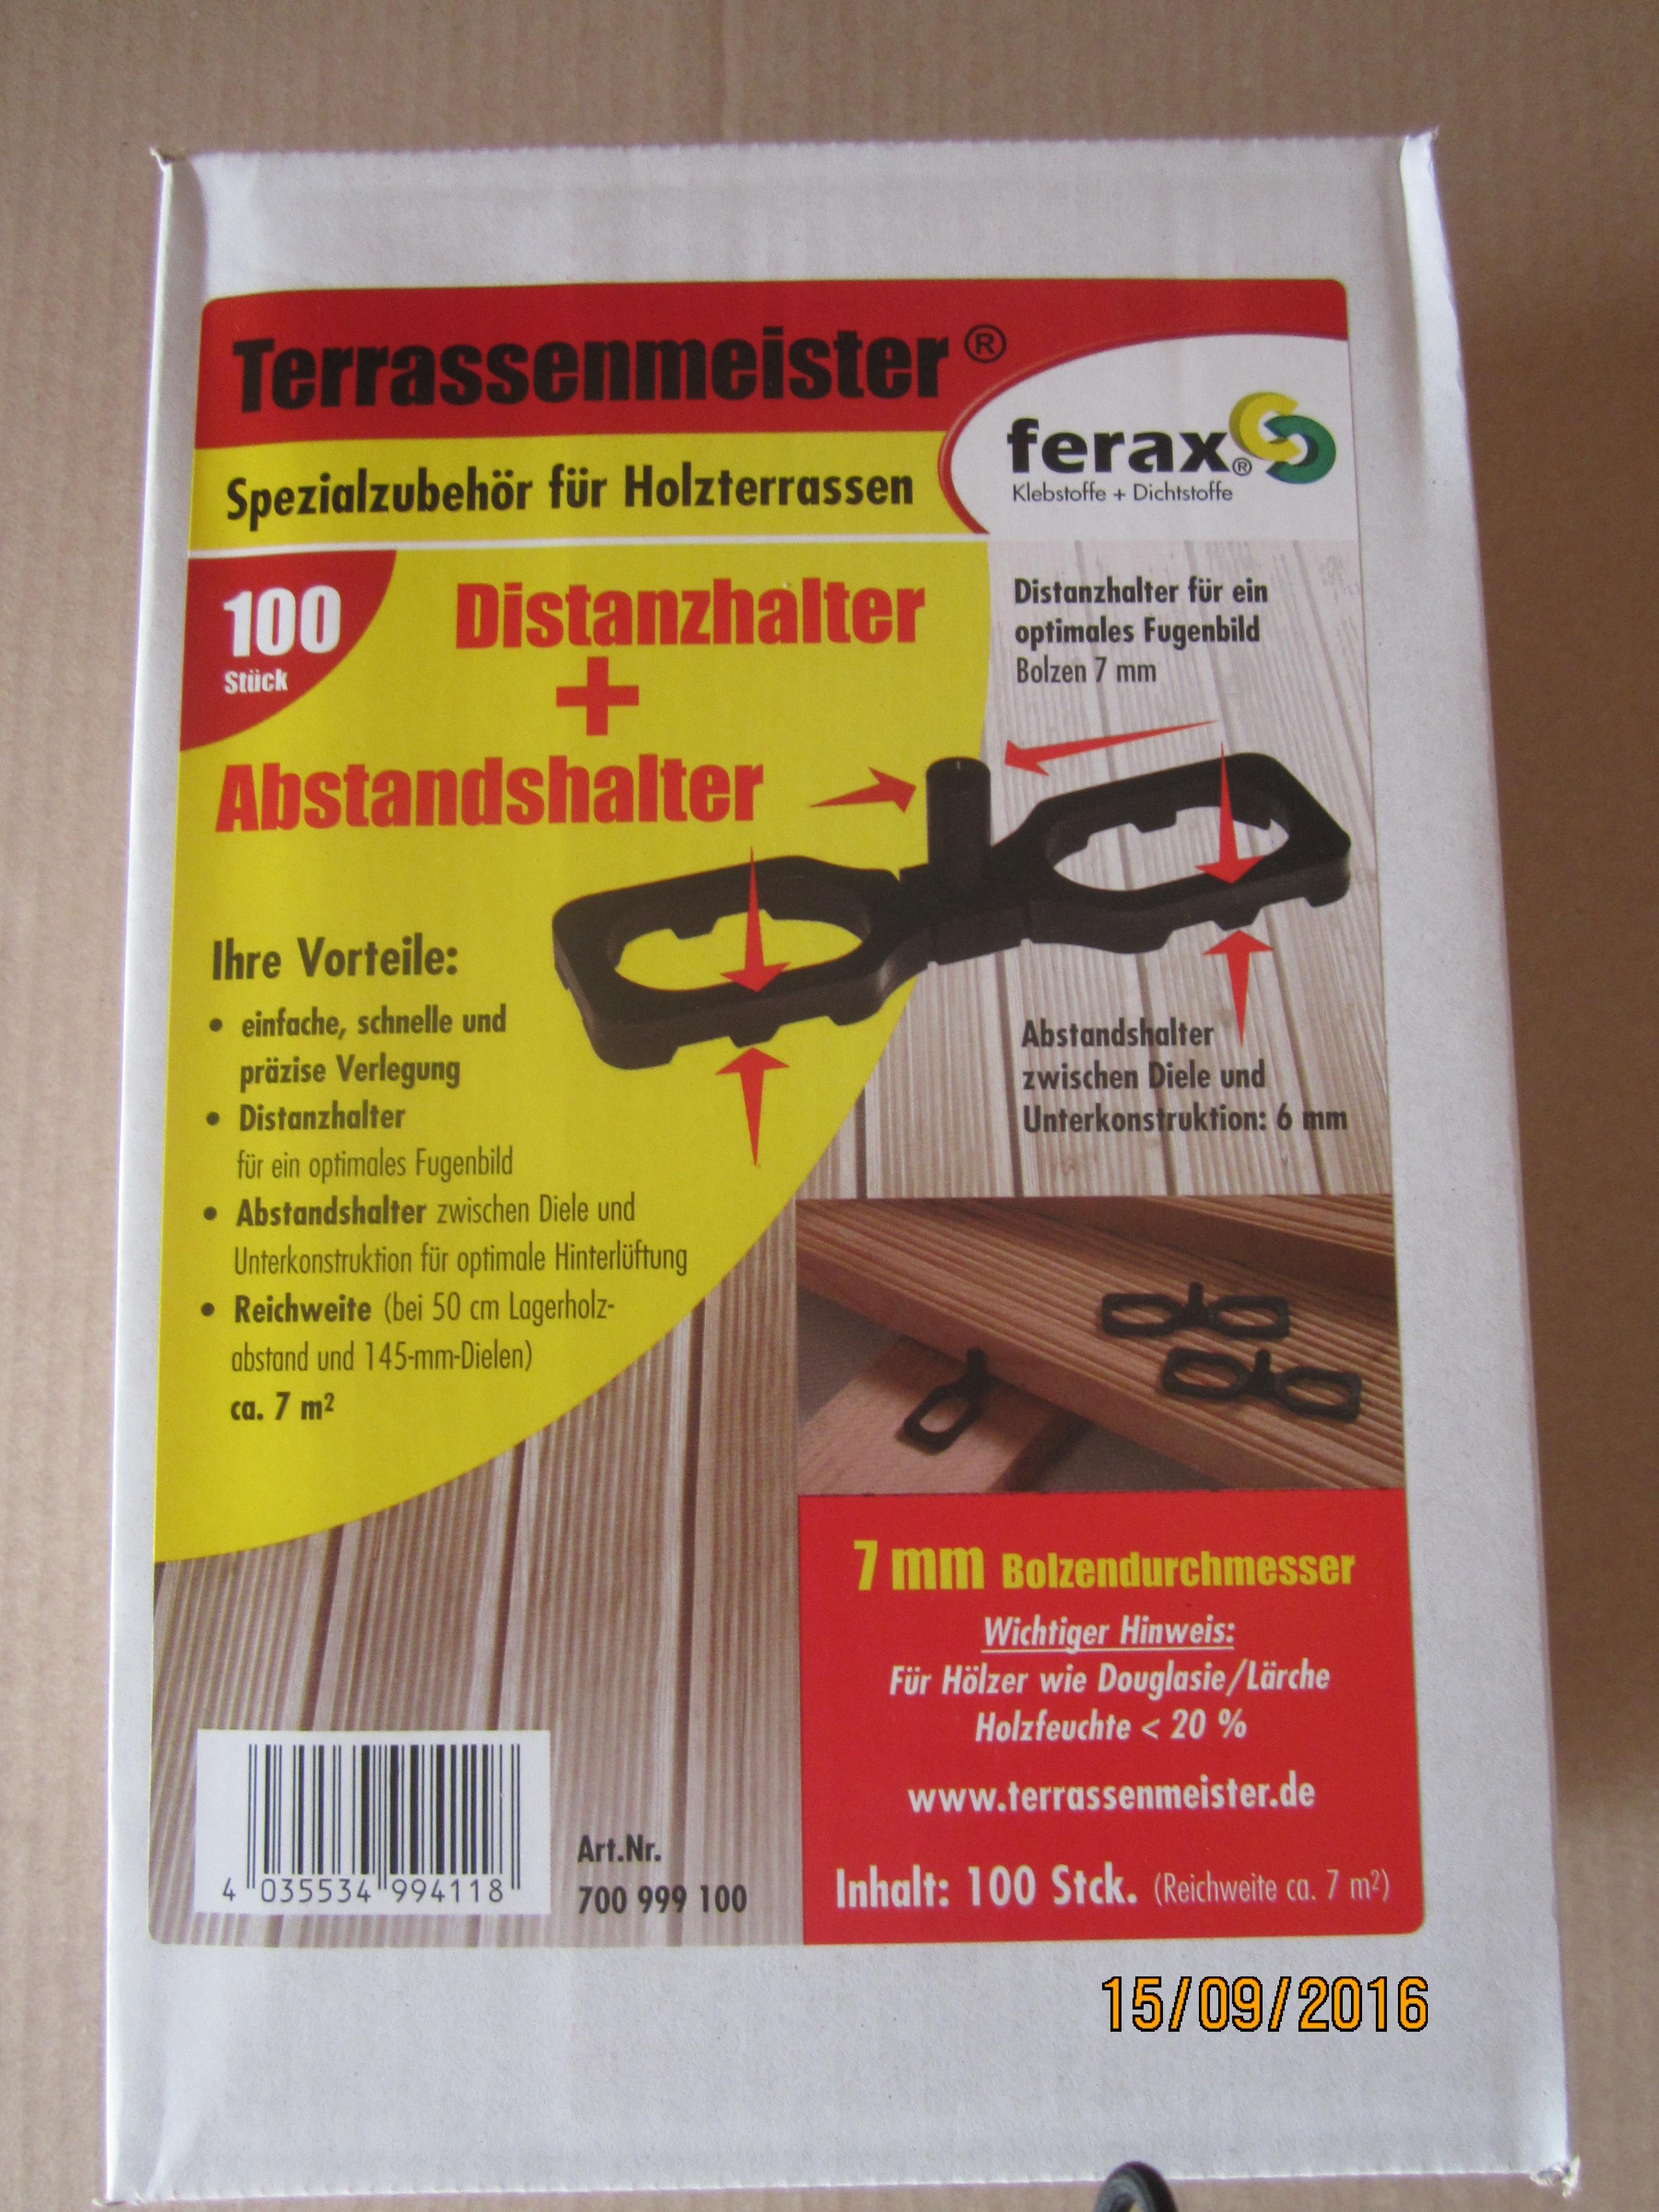 ferax ® Terrassenmeister Distanz und Abstandshalter für Terrassen